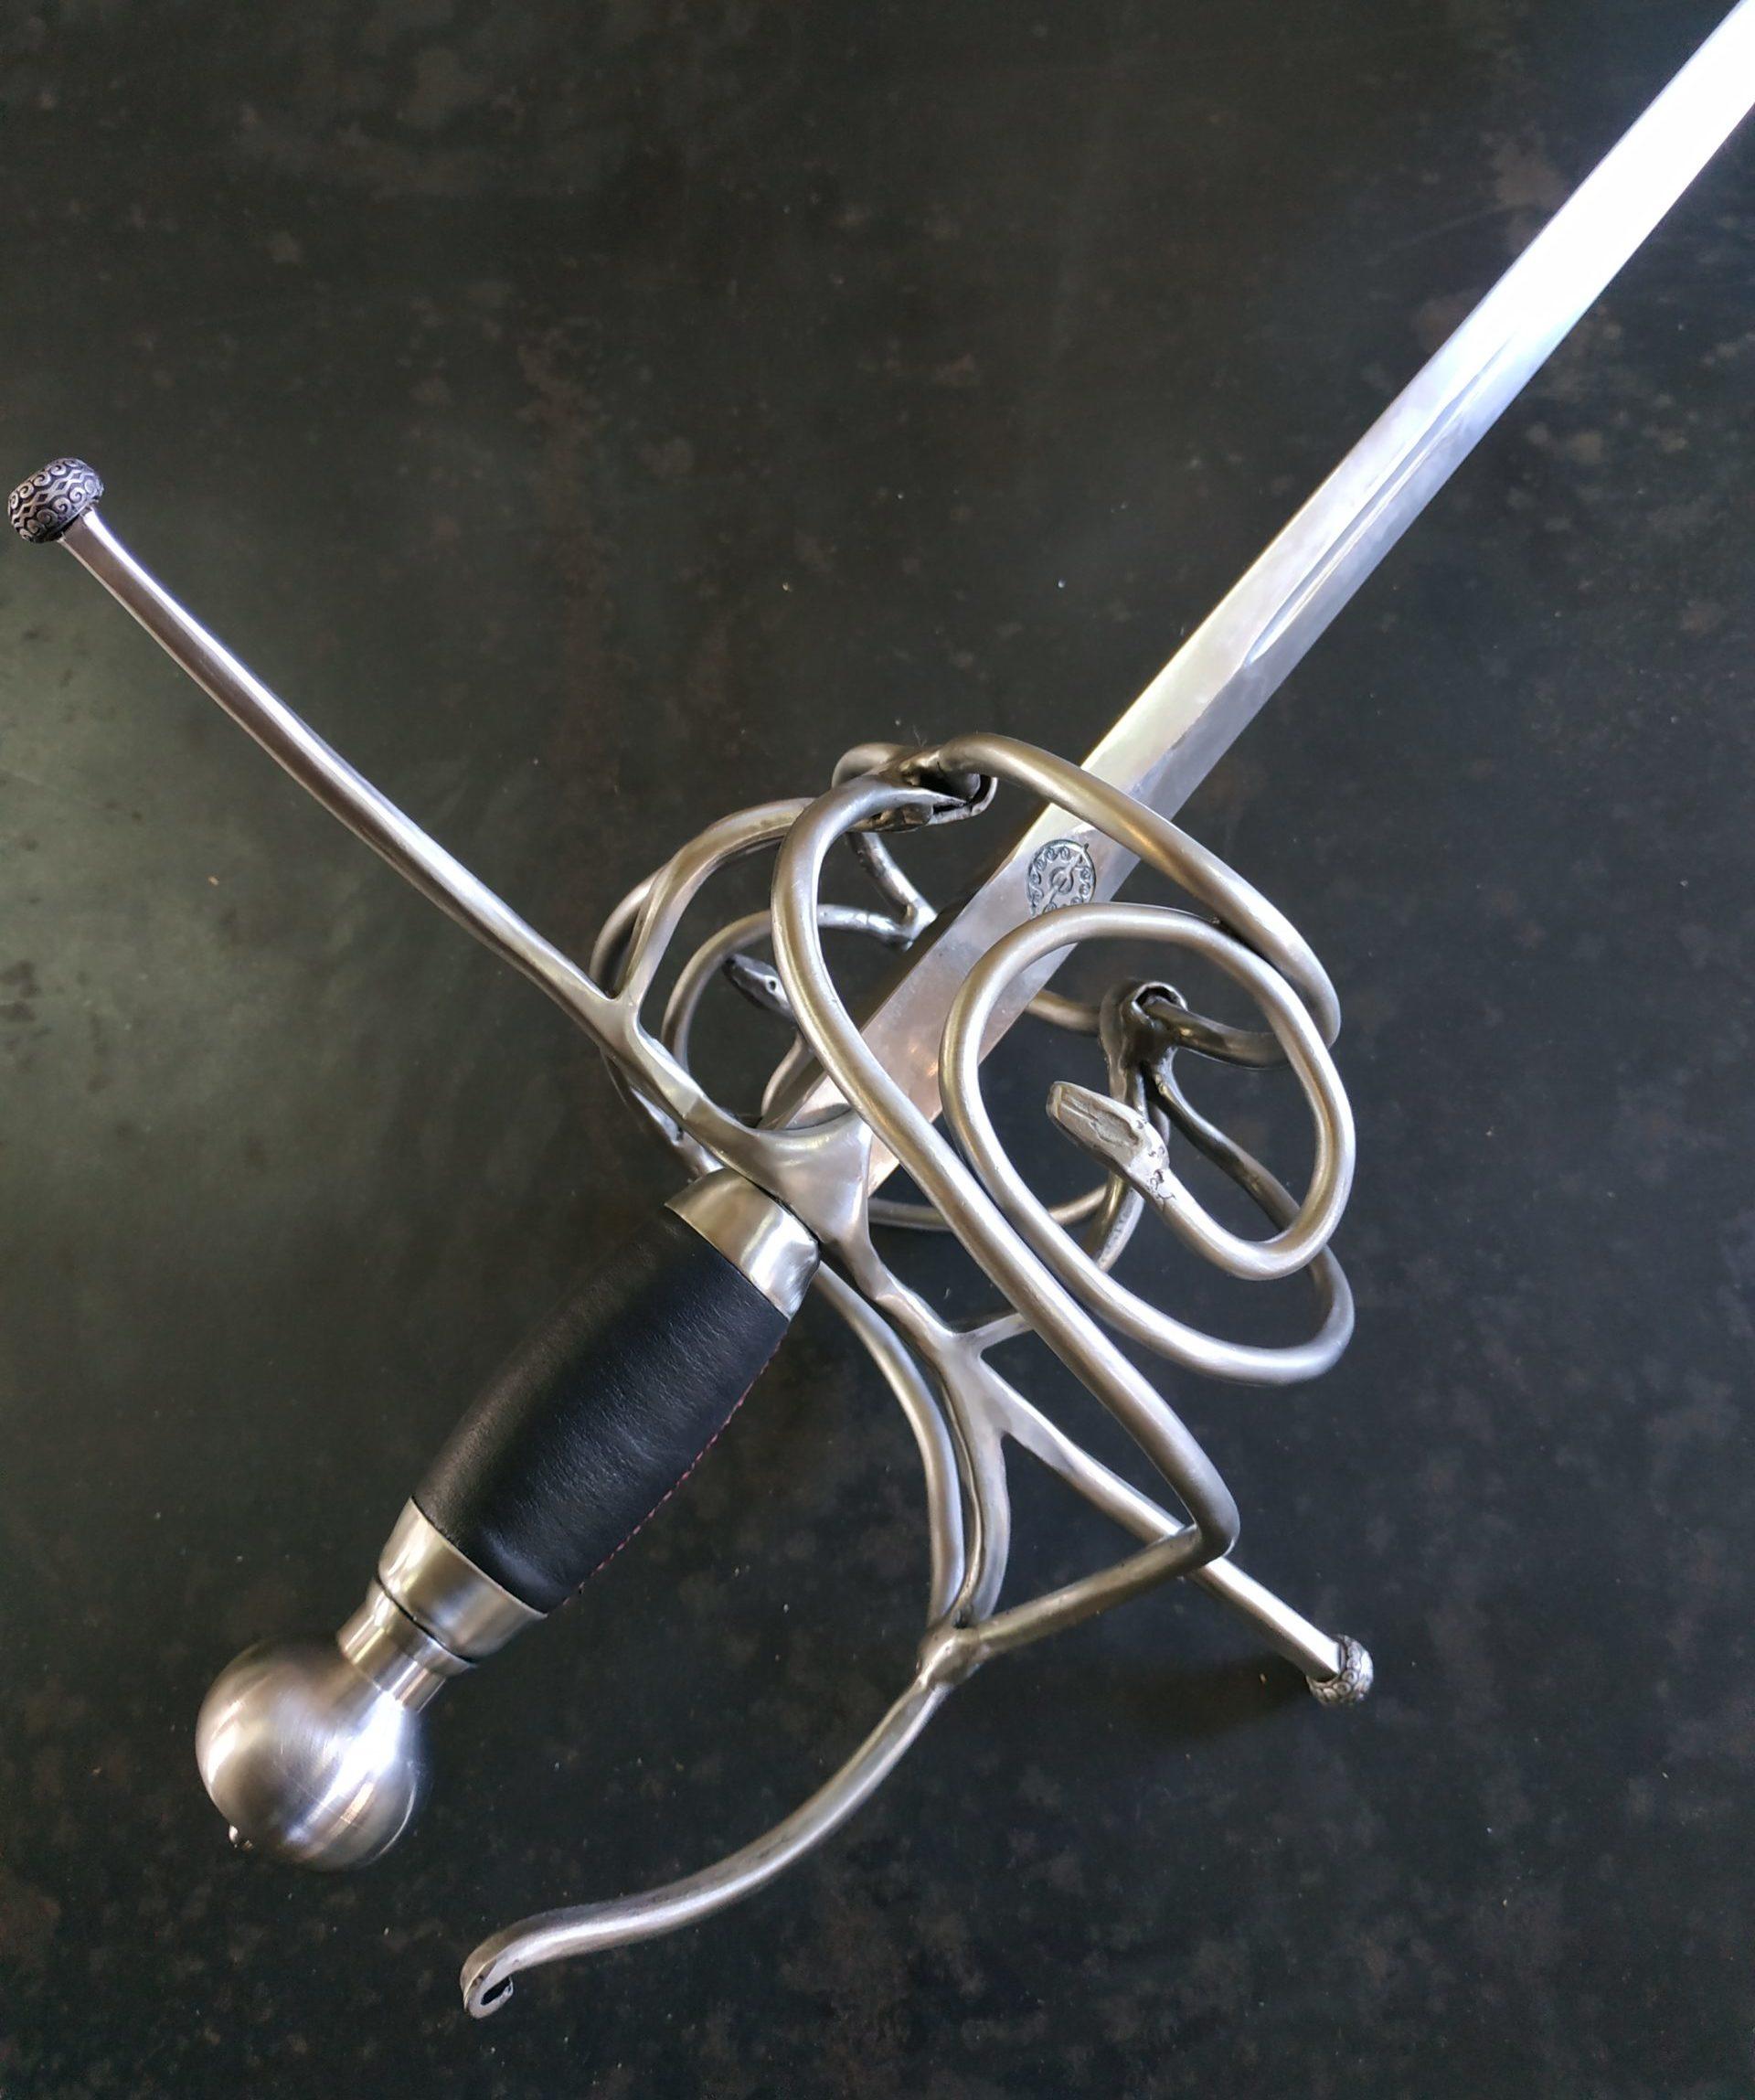 Swepthilt rapier sword with snake decoration. Hilt detail